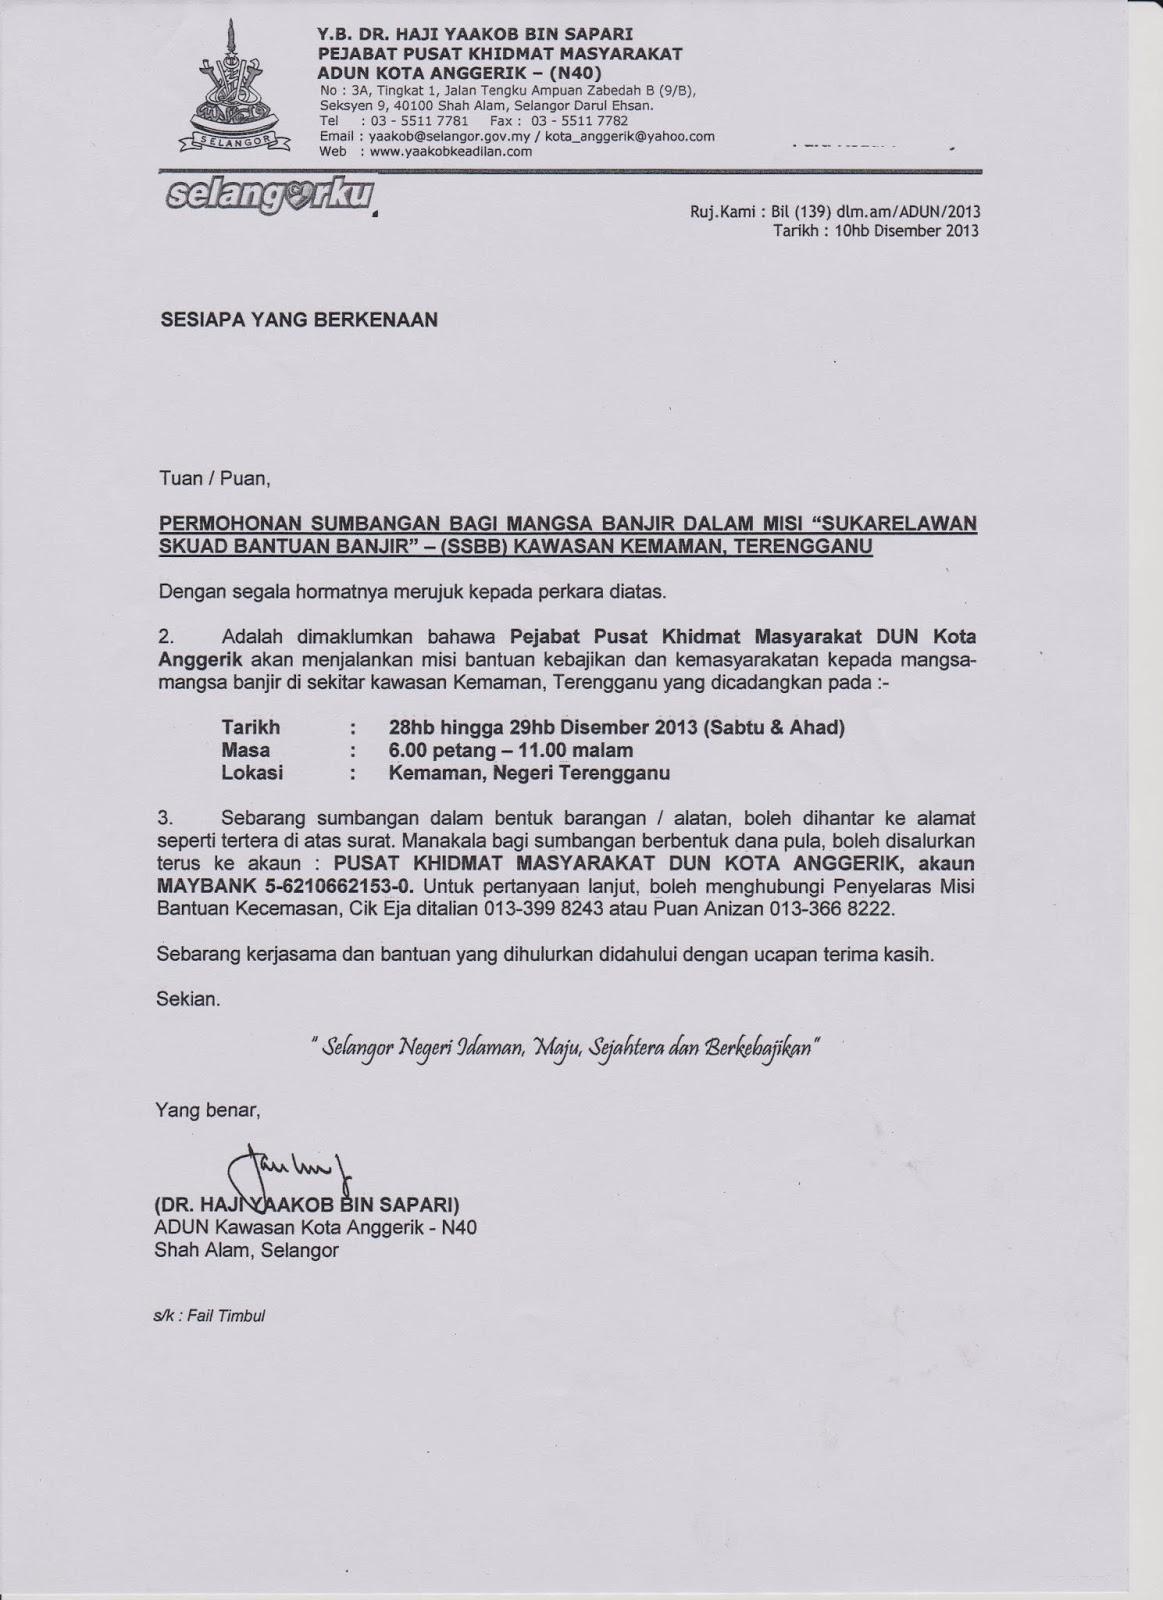 Memo Khidmat Masyarakat Permohonan Sumbangan Bagi Mangsa Banjir Kawasan Kemaman Terengganu Badan Pengurusan Bersama Jmb Pk Sek 7 Committee